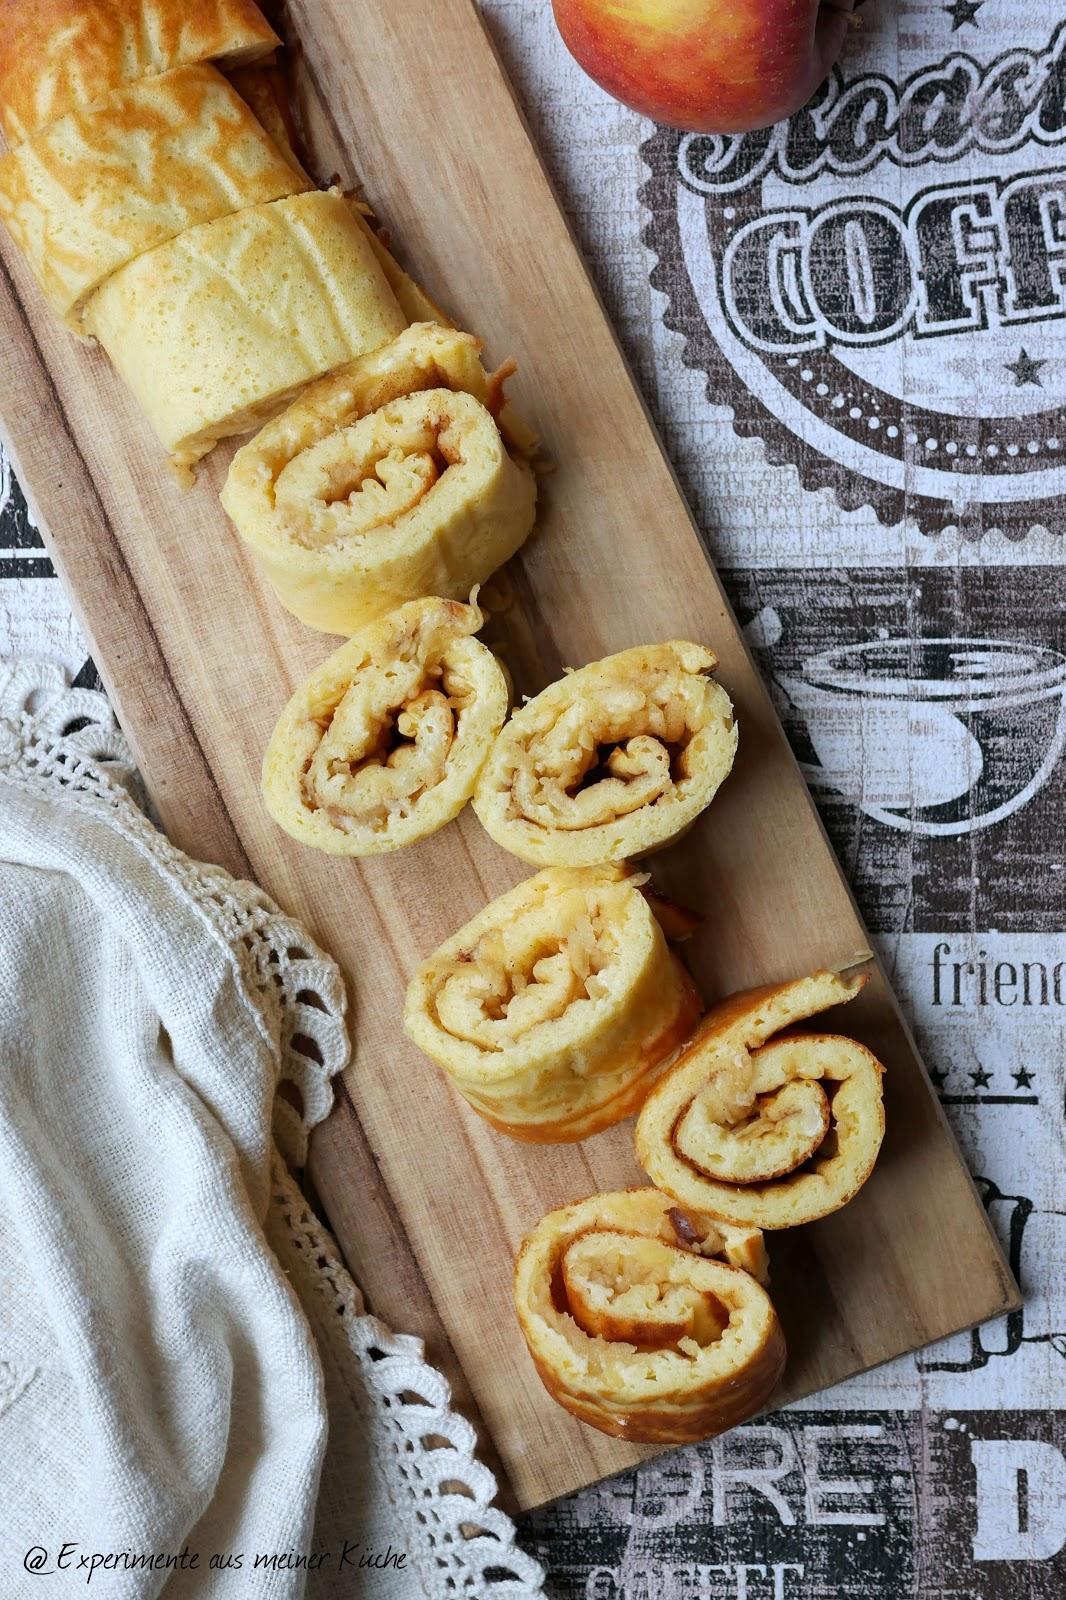 Experimente aus meiner Küche: Skyr-Pfannkuchen mit Apfel